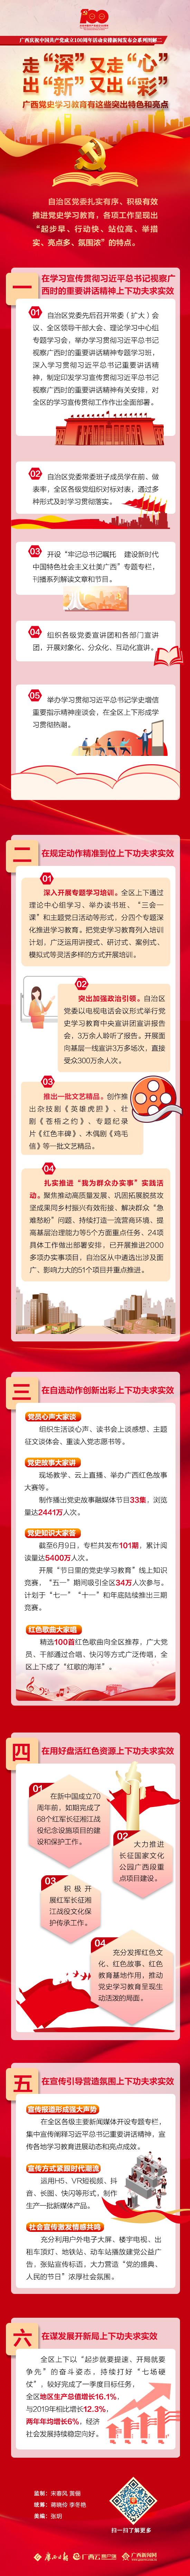 图解|广西党史学习教育有这些突出特色和亮点